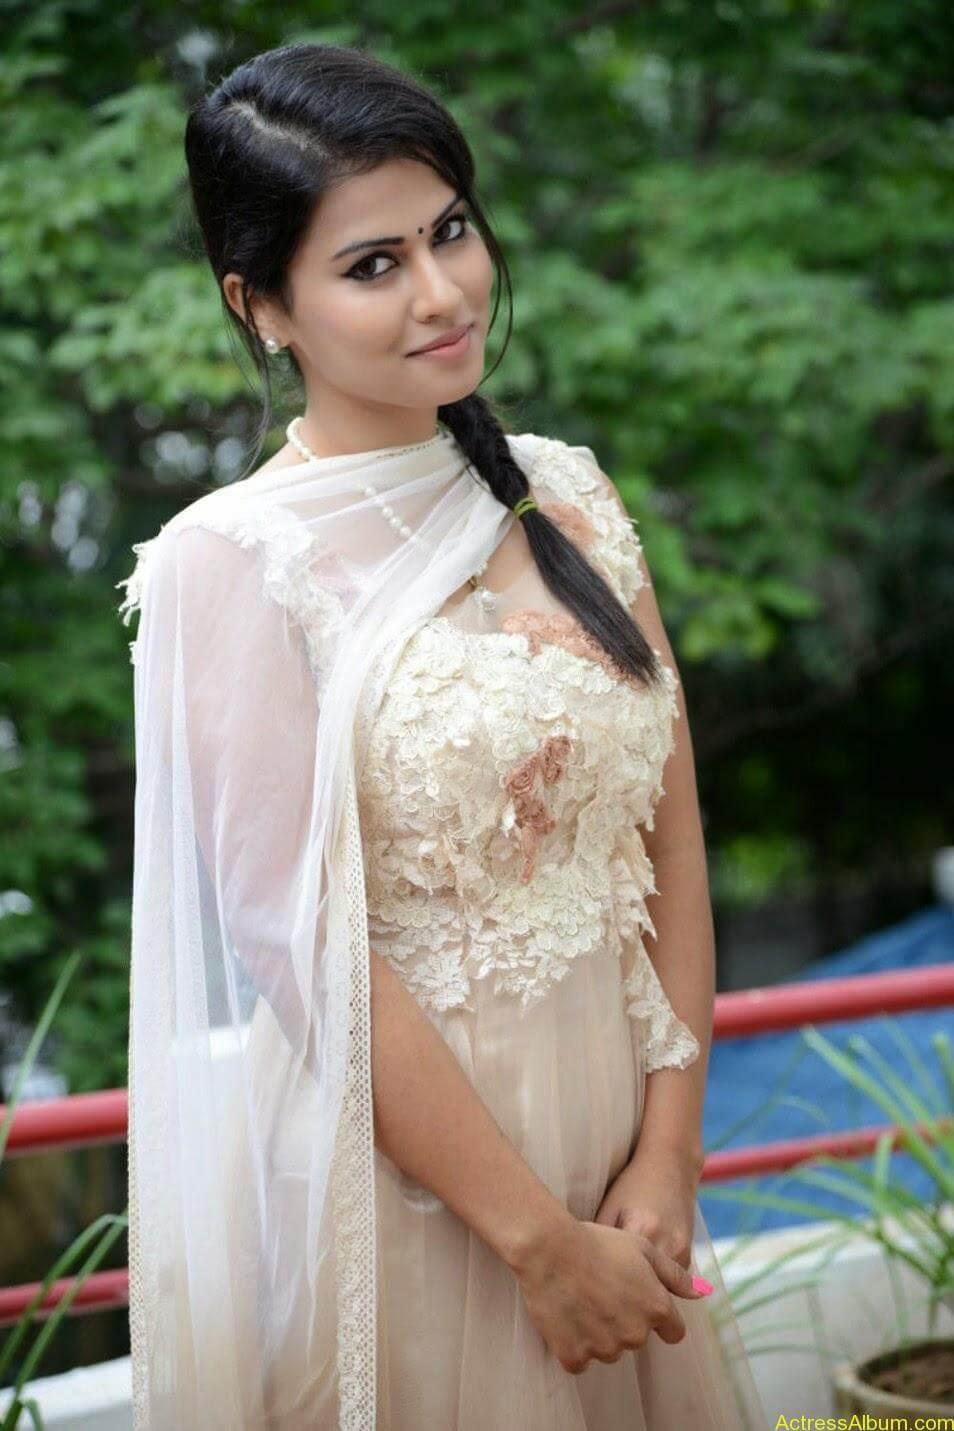 Sharmiela Mandre5